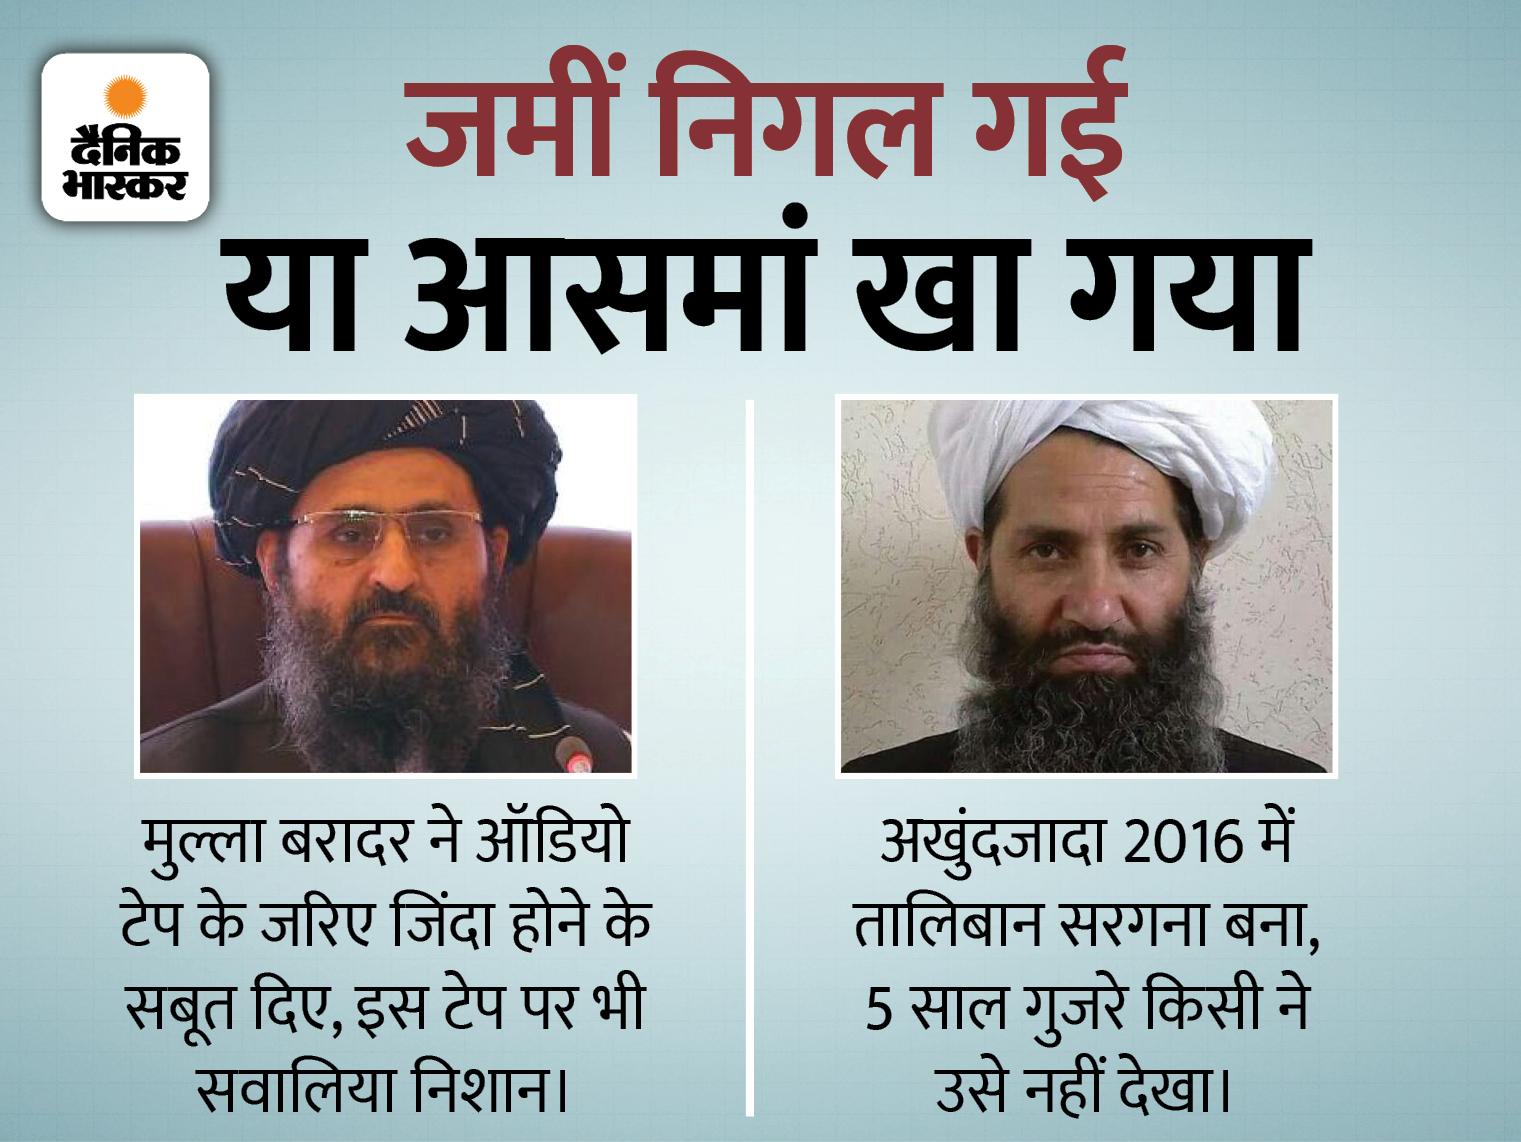 दुनिया के सामने क्यों नहीं आ रहे मुल्ला बरादर और सुप्रीम लीडर अखुंदजादा; तालिबान प्रवक्ता भी सवालों से बचने लगे|अफगान-तालिबान,Afghan-Taliban - Dainik Bhaskar